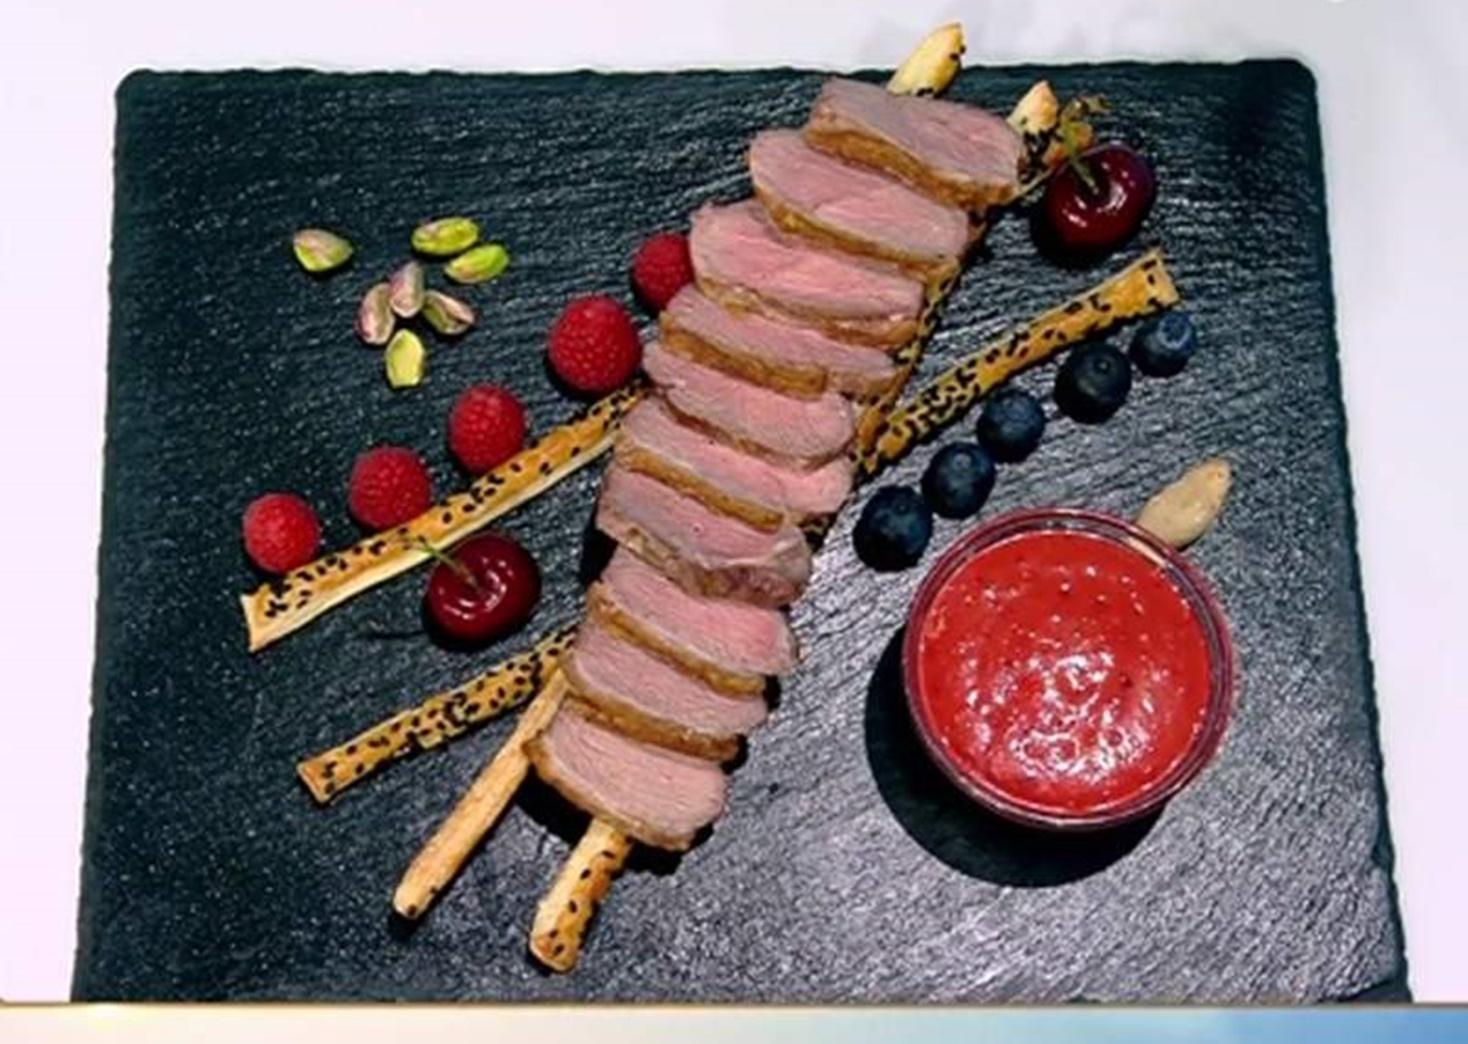 Friptură din piept de rață cu cu sos picant de cireșe  și sticksuri din foietaj cu susan negru